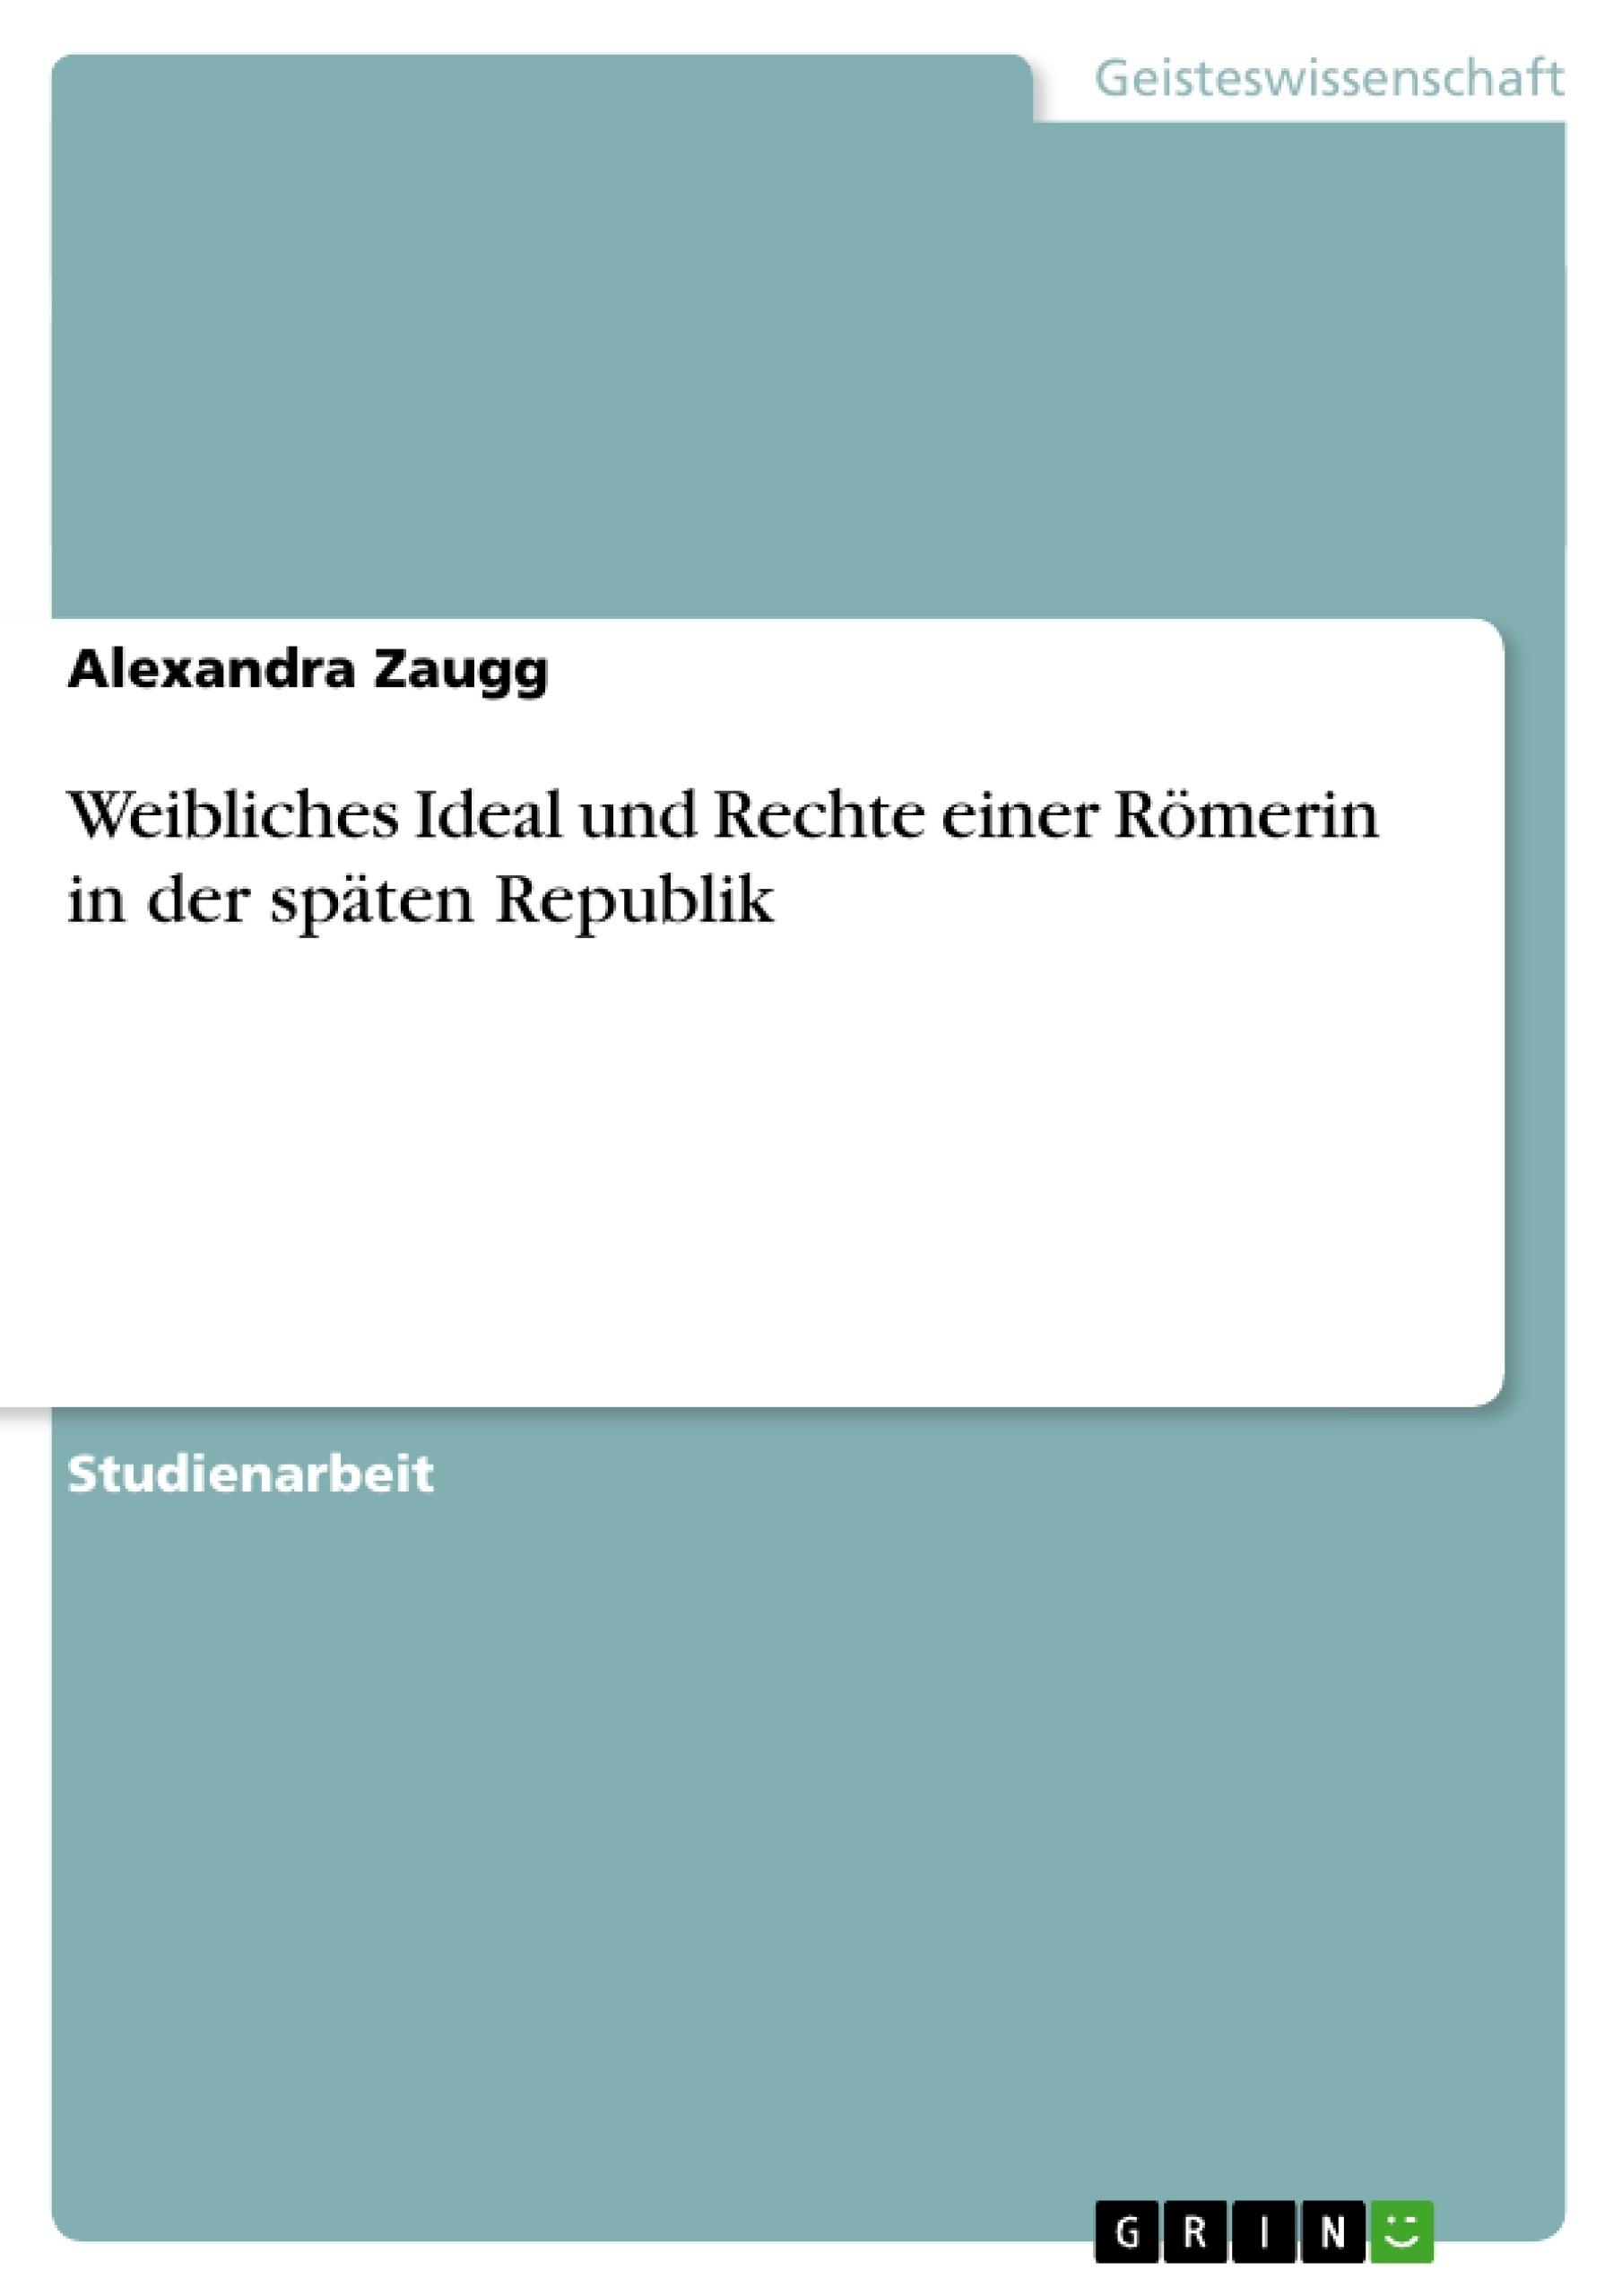 Titel: Weibliches Ideal und Rechte einer Römerin in der späten Republik